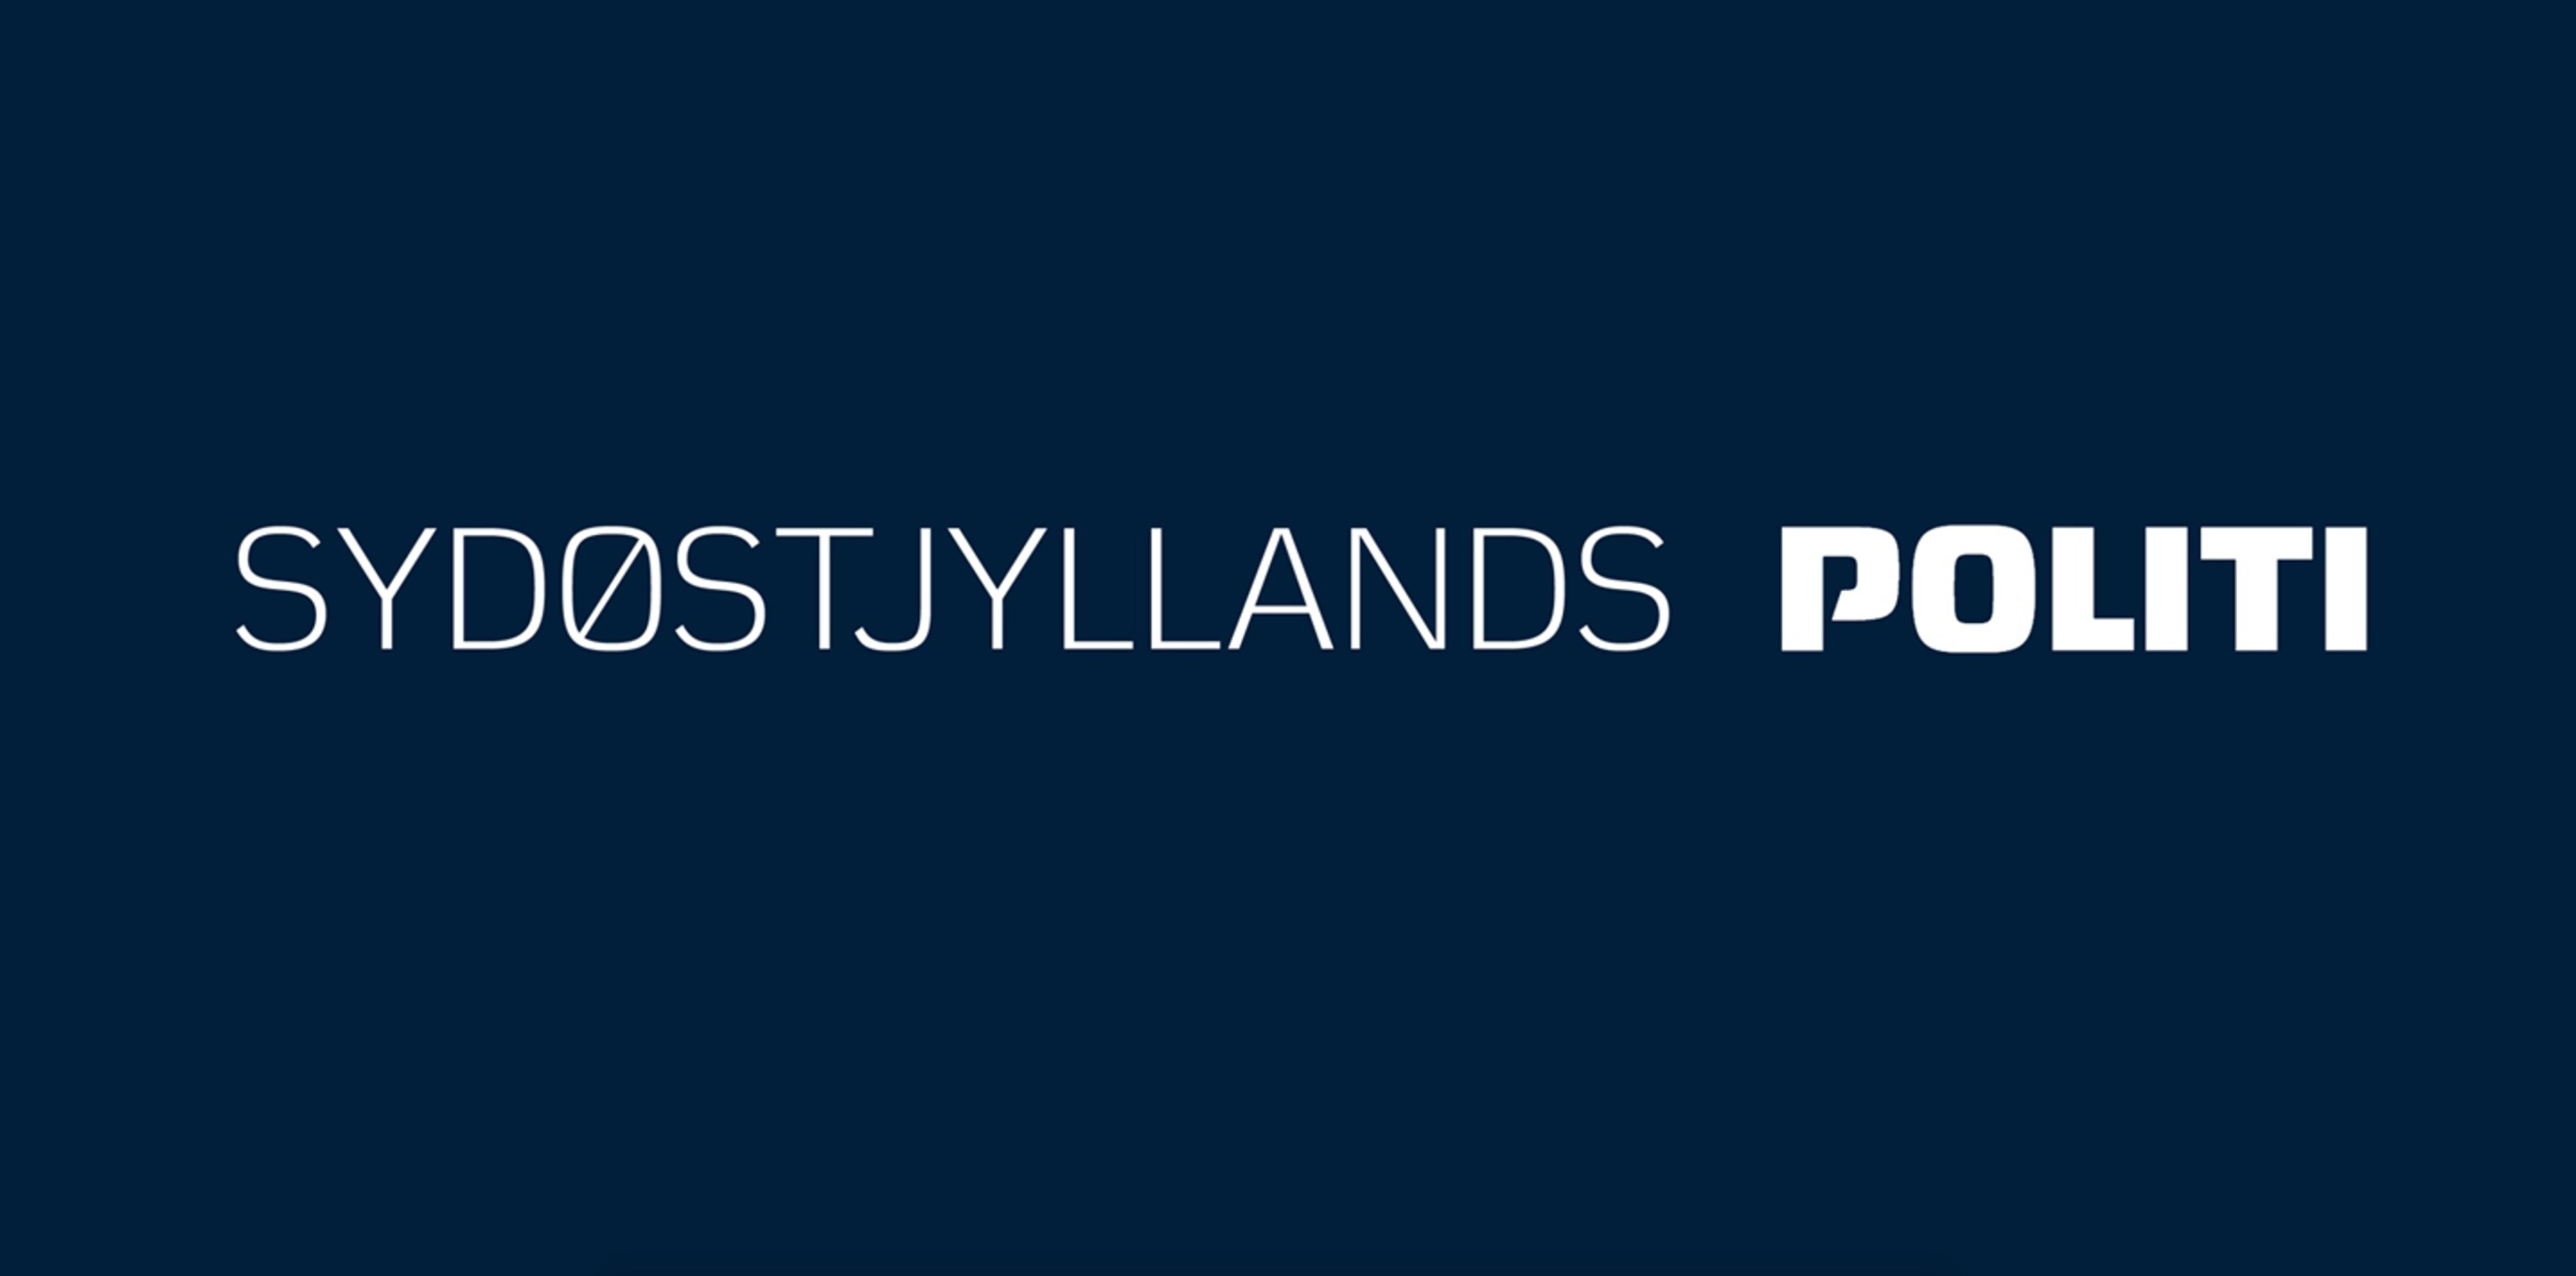 Anmeldelser, påbud og sigtelser vedr. COVID 19 i Sydøstjyllands Politi